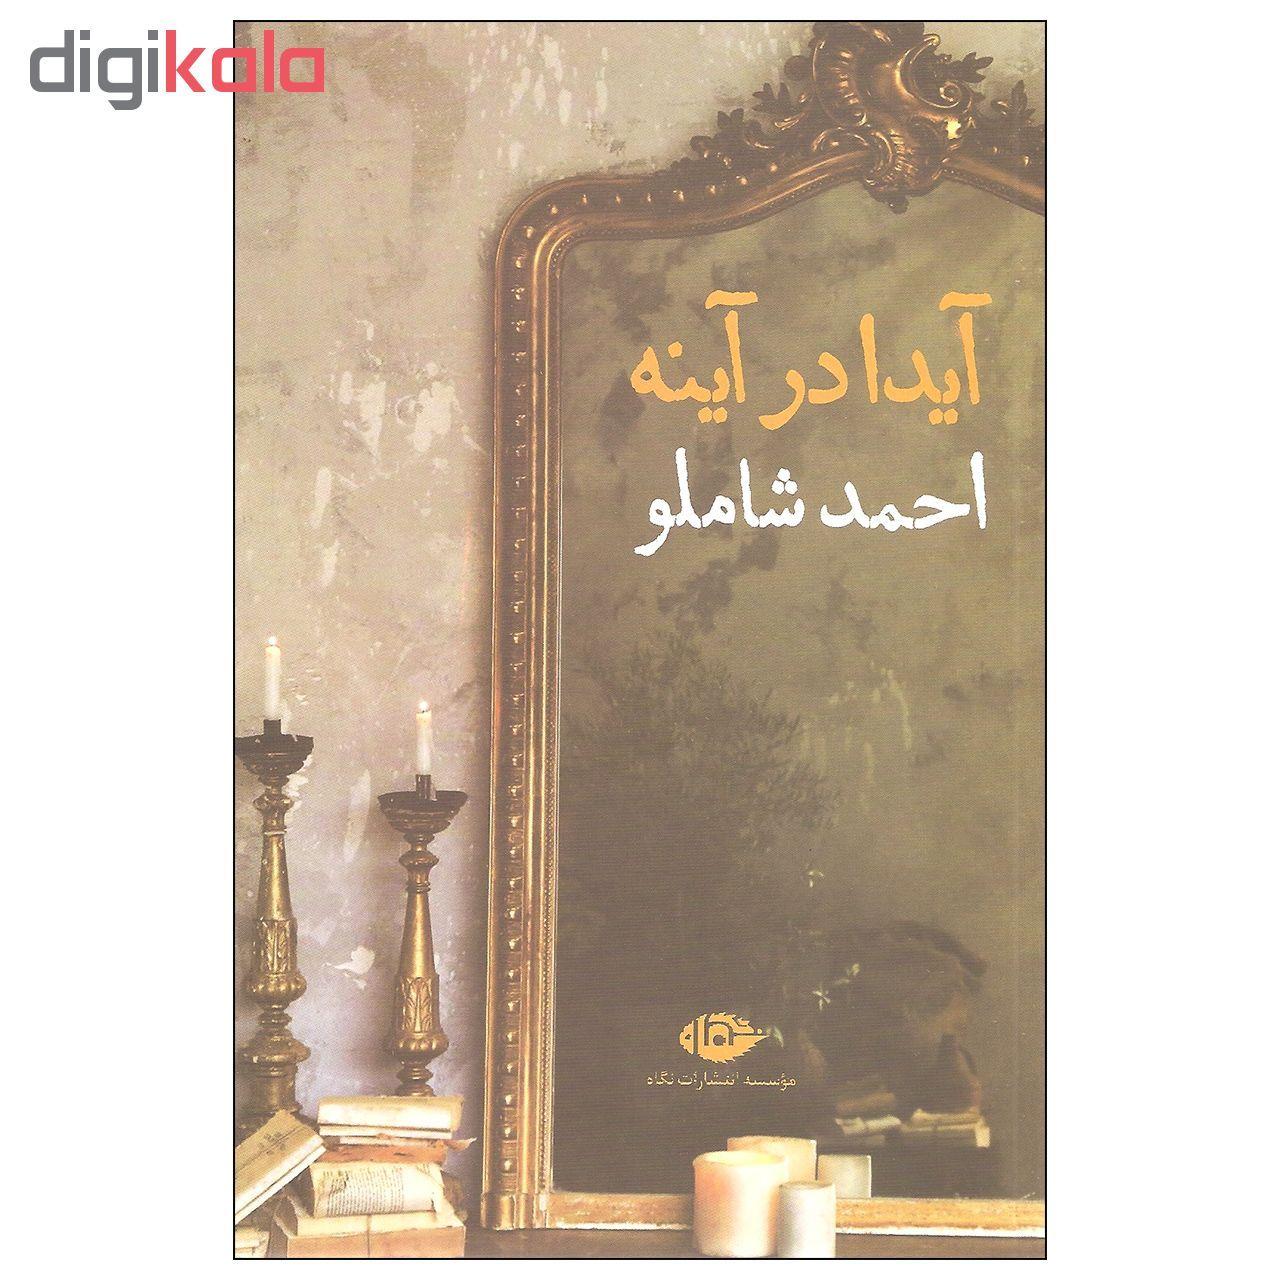 کتاب آیدا در آینه اثر احمد شاملو نشر نگاه main 1 1